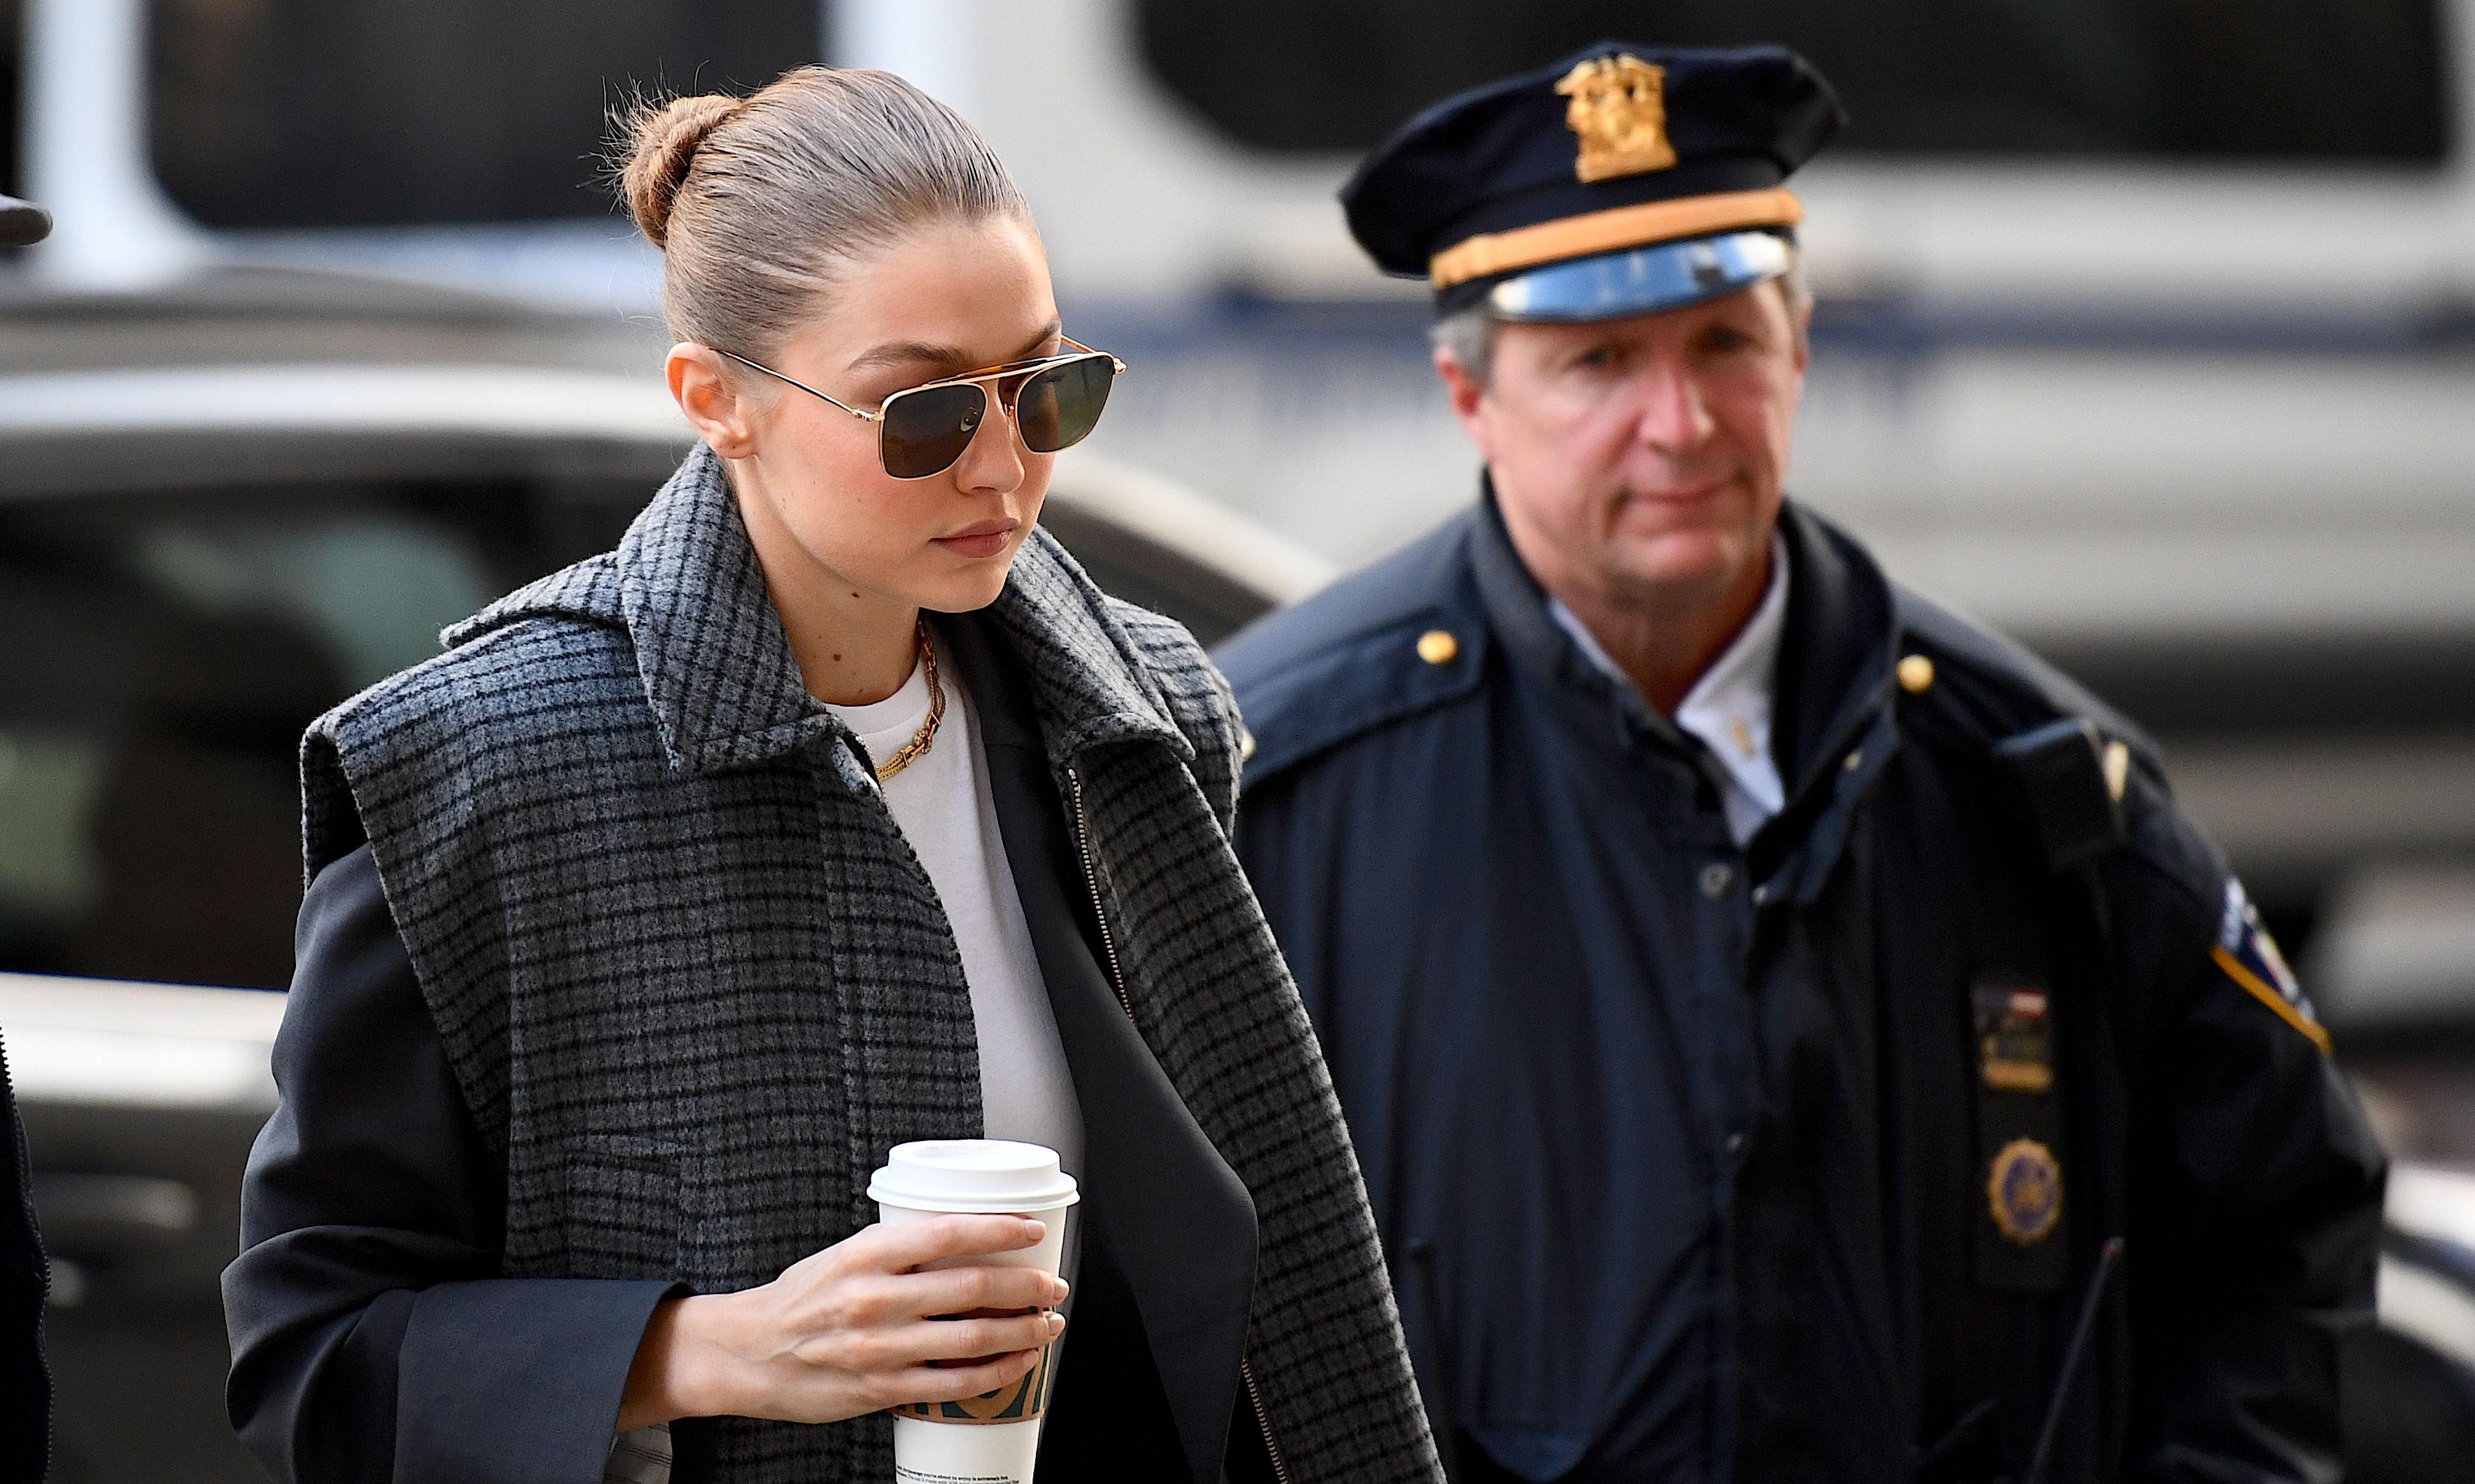 Gigi Hadid dismissed as juror in Harvey Weinstein trial